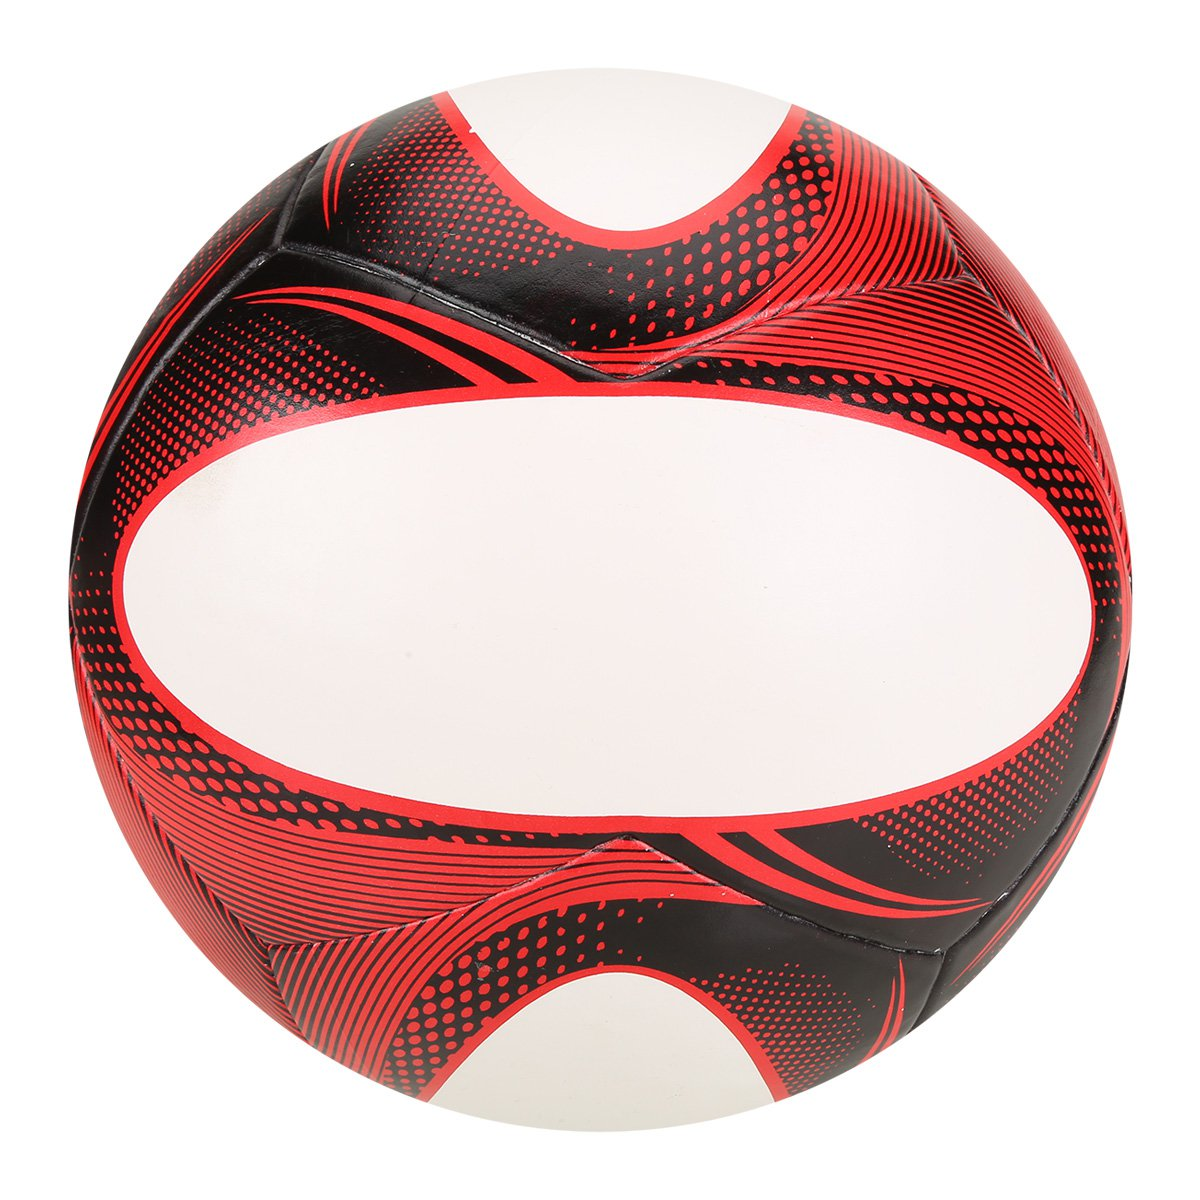 Bola Futsal Topper Slick II - Preto e Branco - Compre Agora  292ef0a3ee8ff